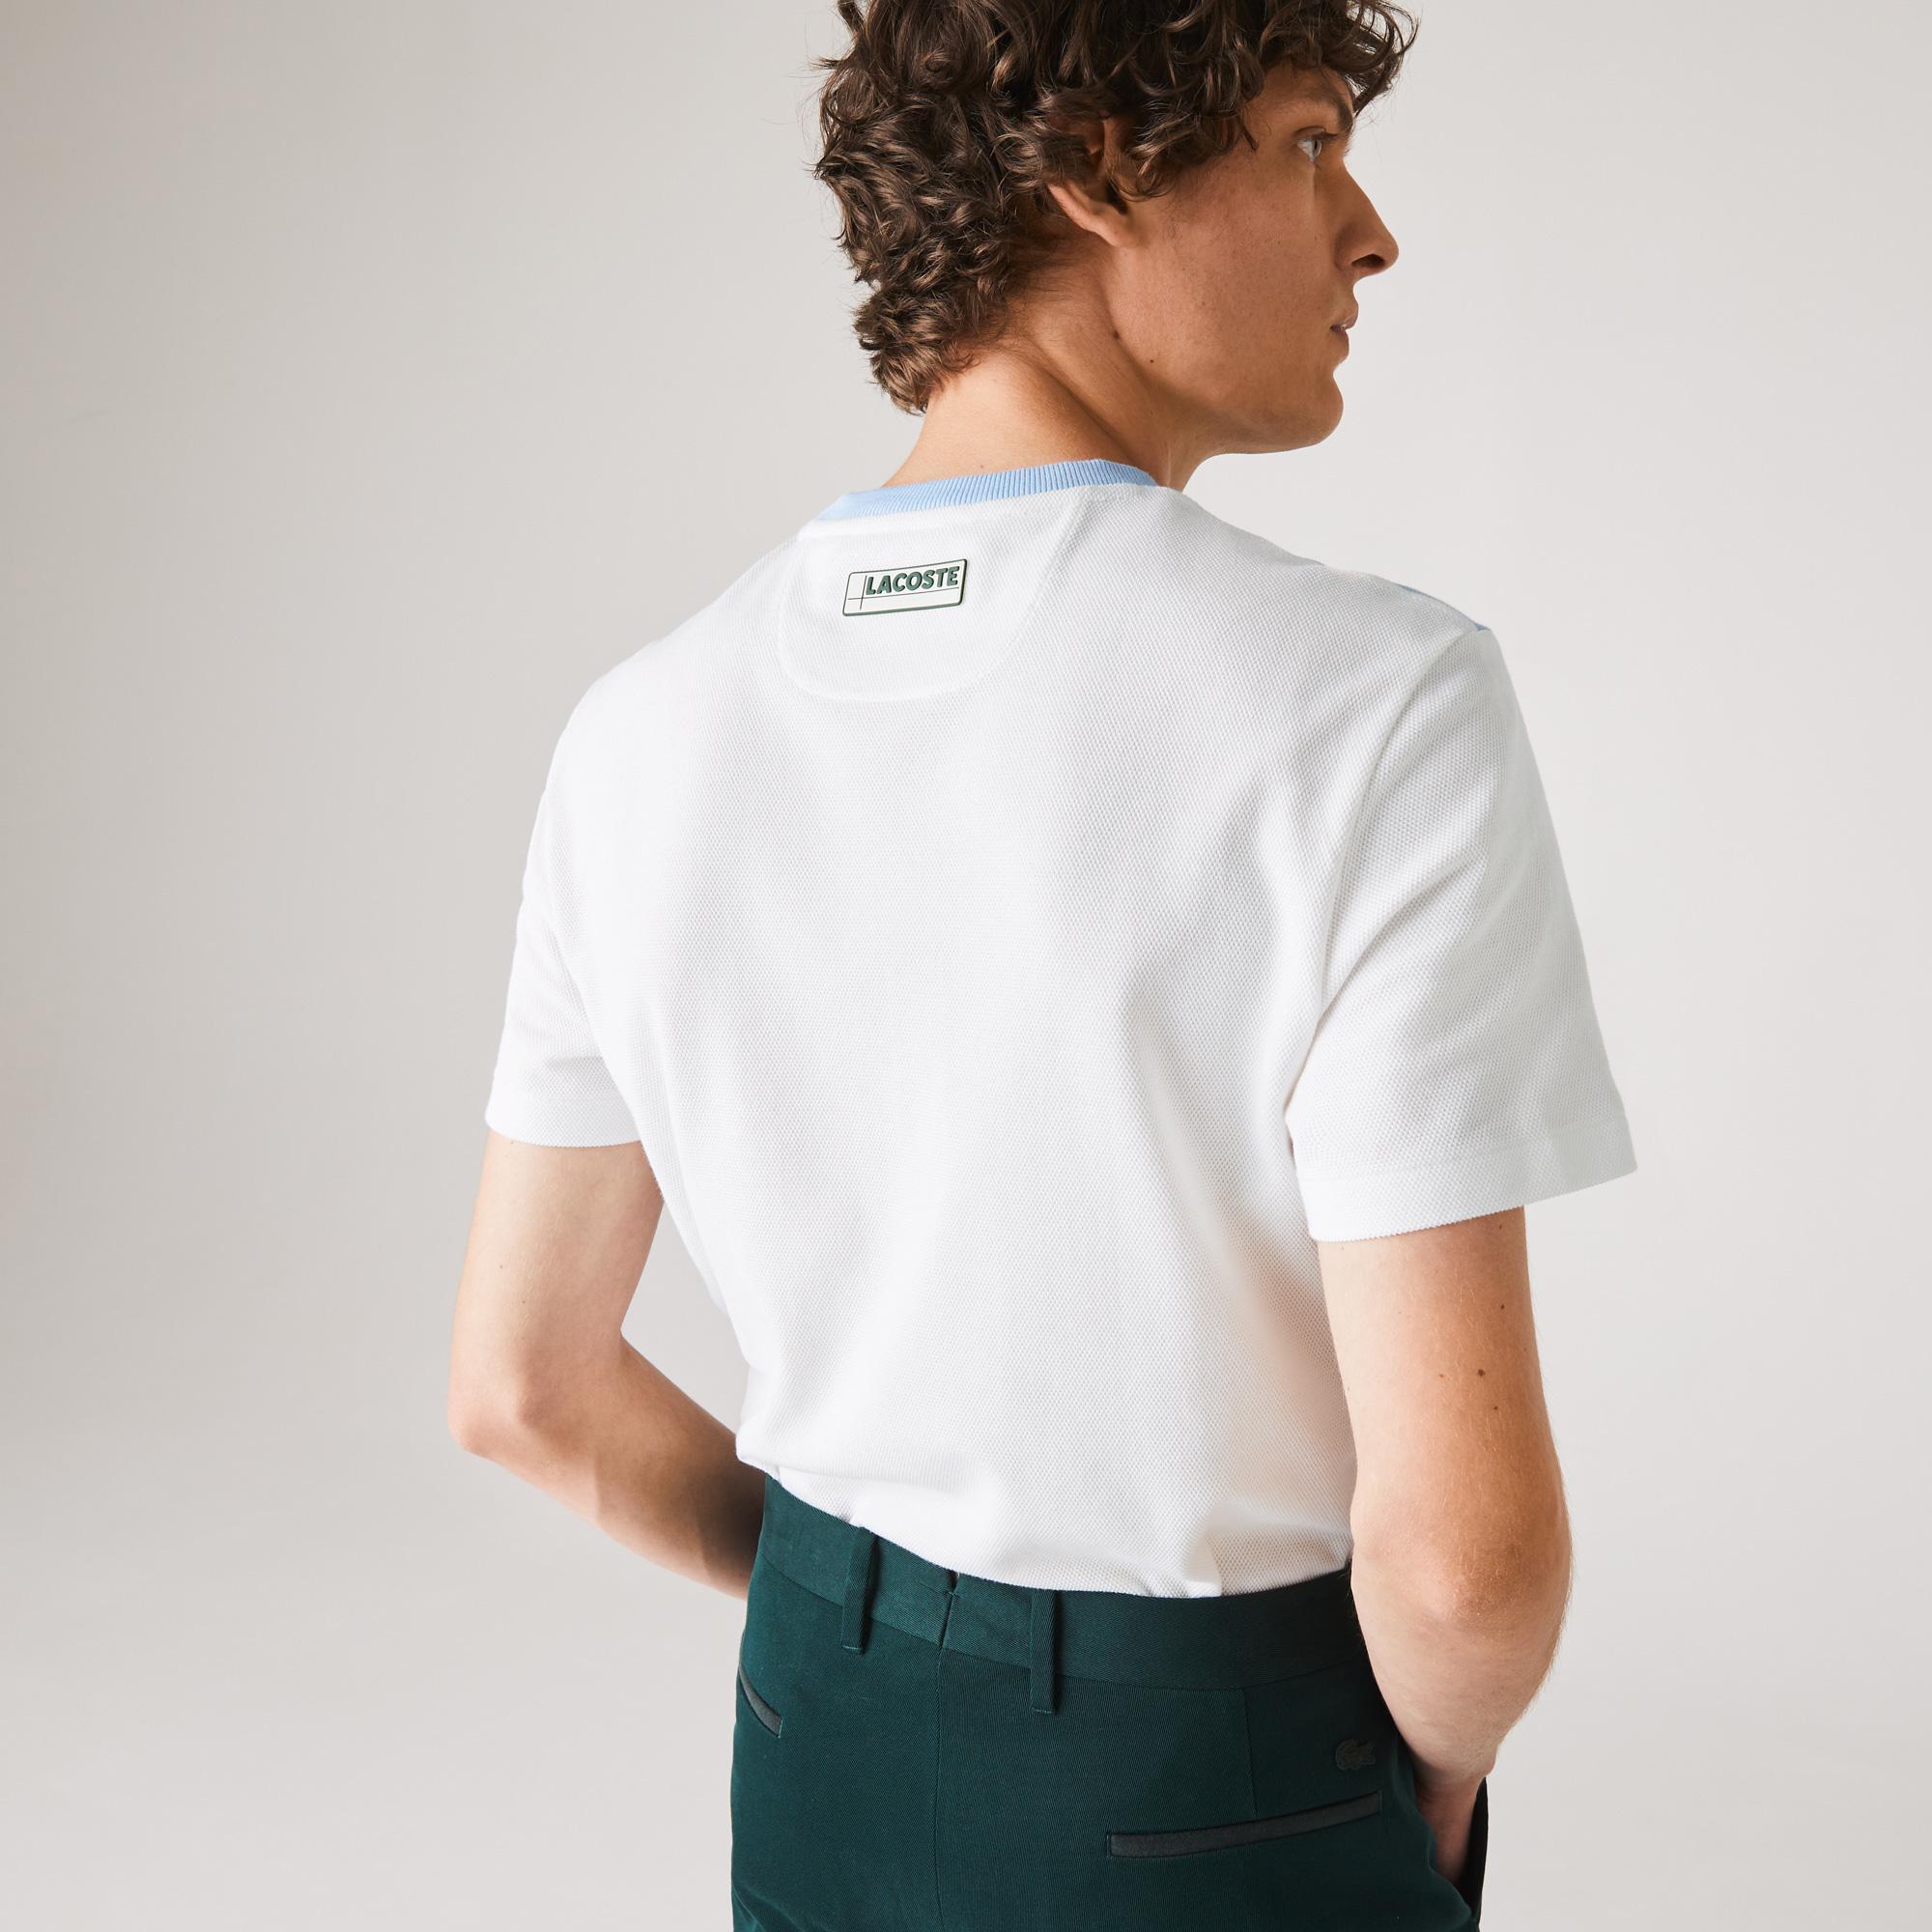 Lacoste футболка чоловіча Colorblock з круглим вирізом